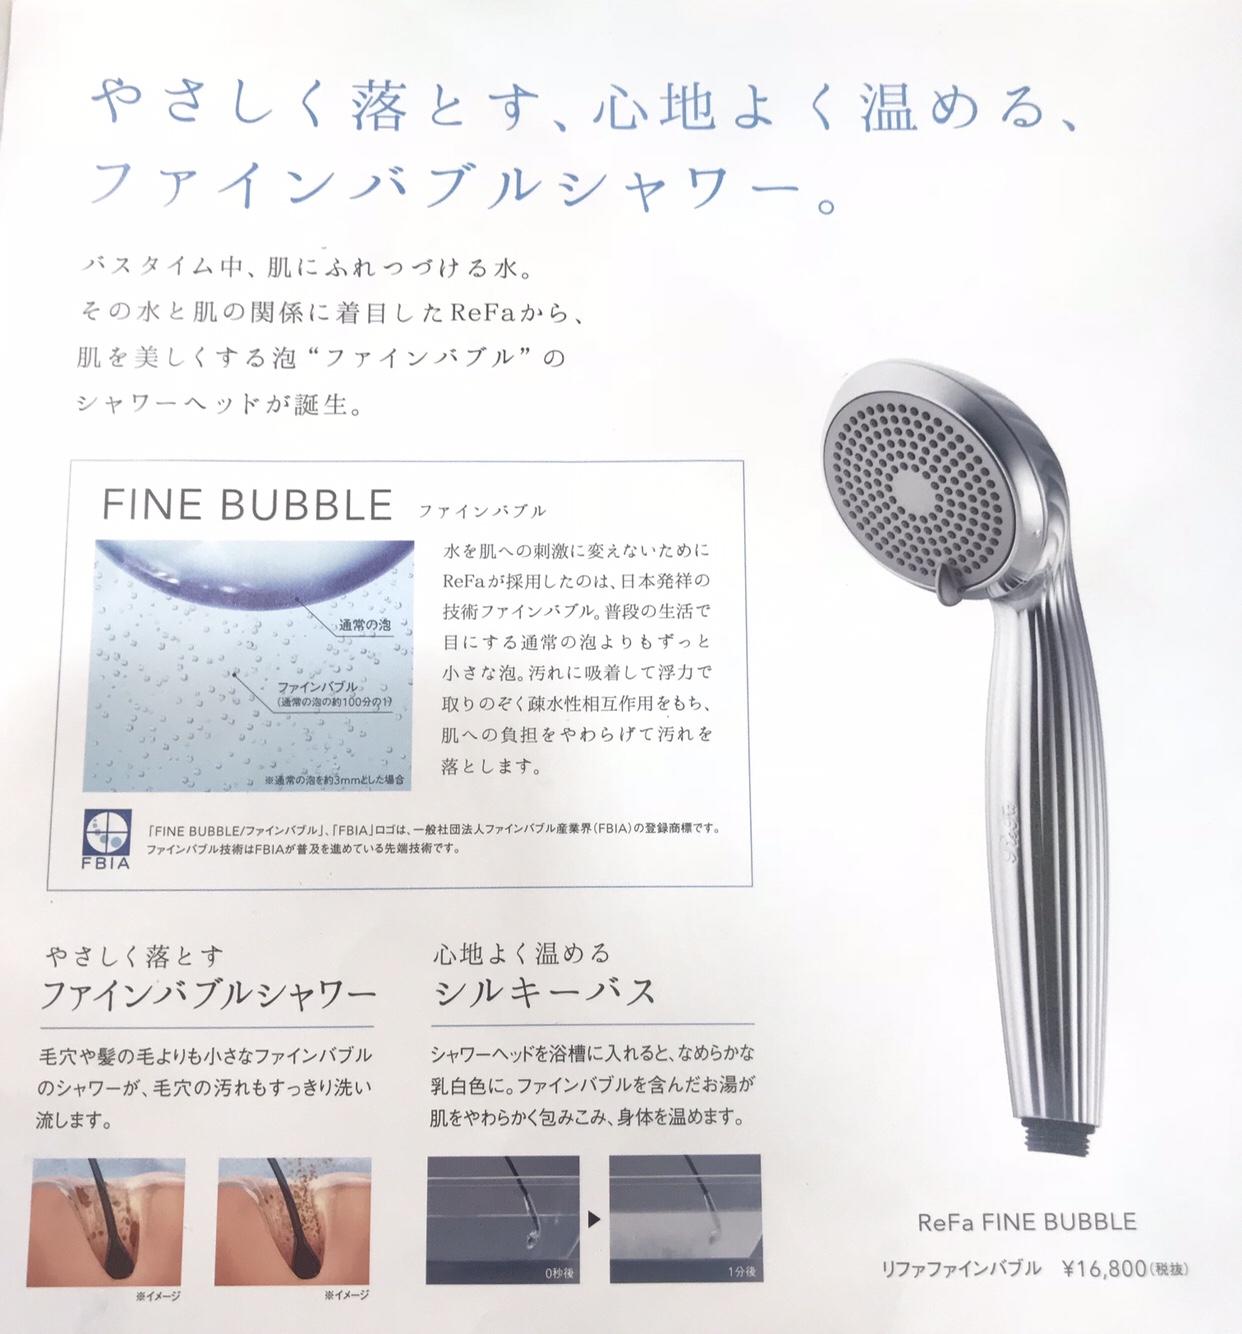 シャワー ファイン ヘッド バブル